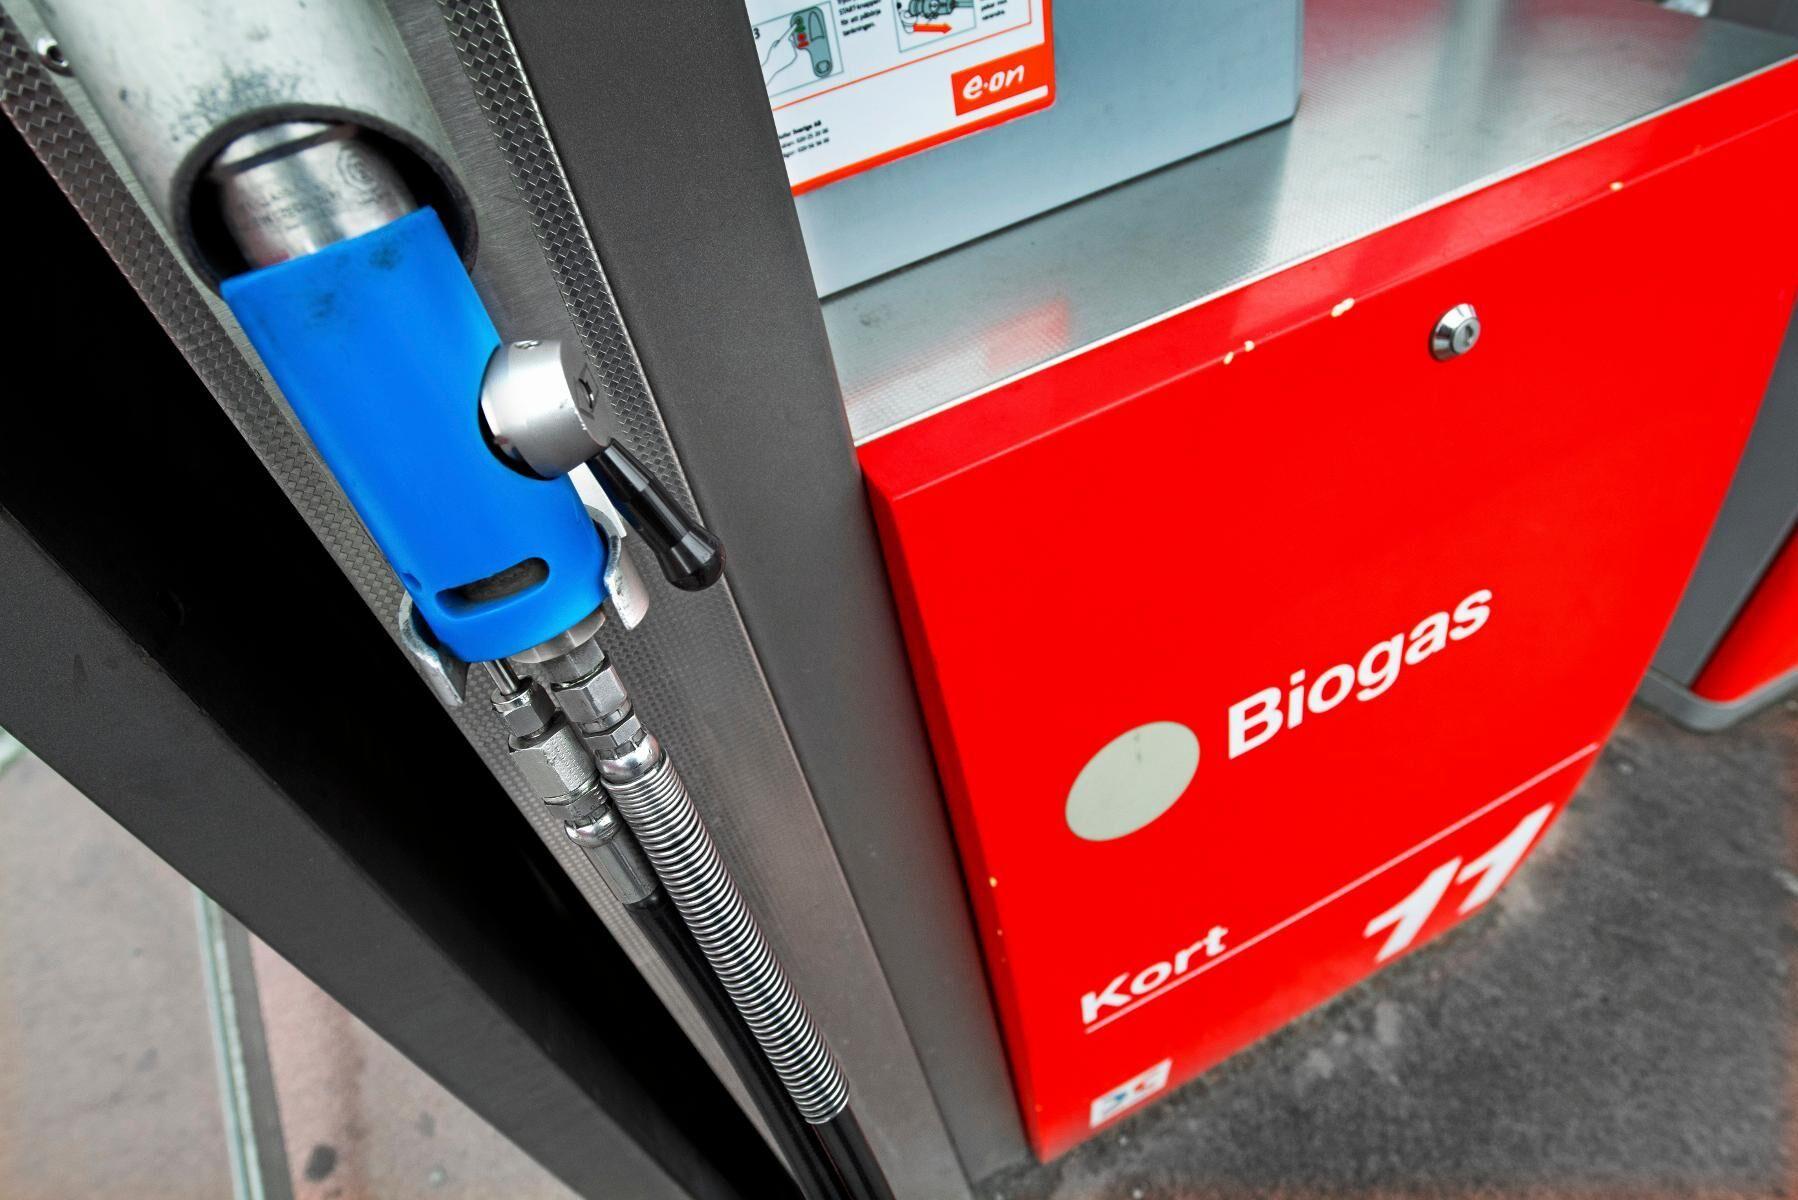 100 procent av fordonsgasen ska vara biobaserad 2023 hoppas gasbranschen.